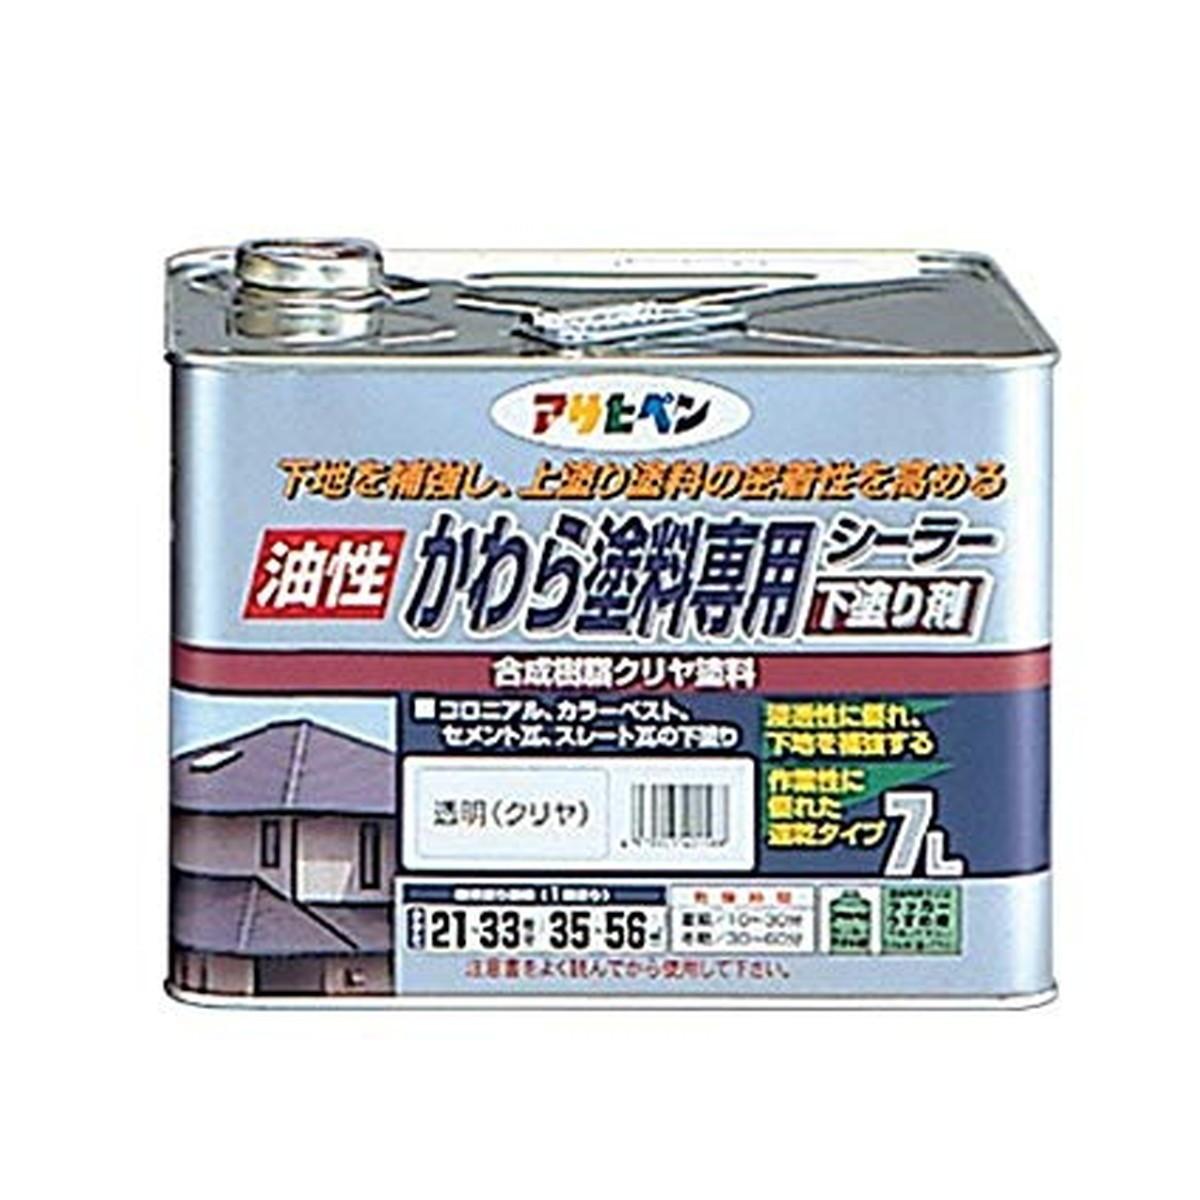 アサヒペン かわら塗料専用シーラー 7L 透明(クリヤ)【クーポン配布中】